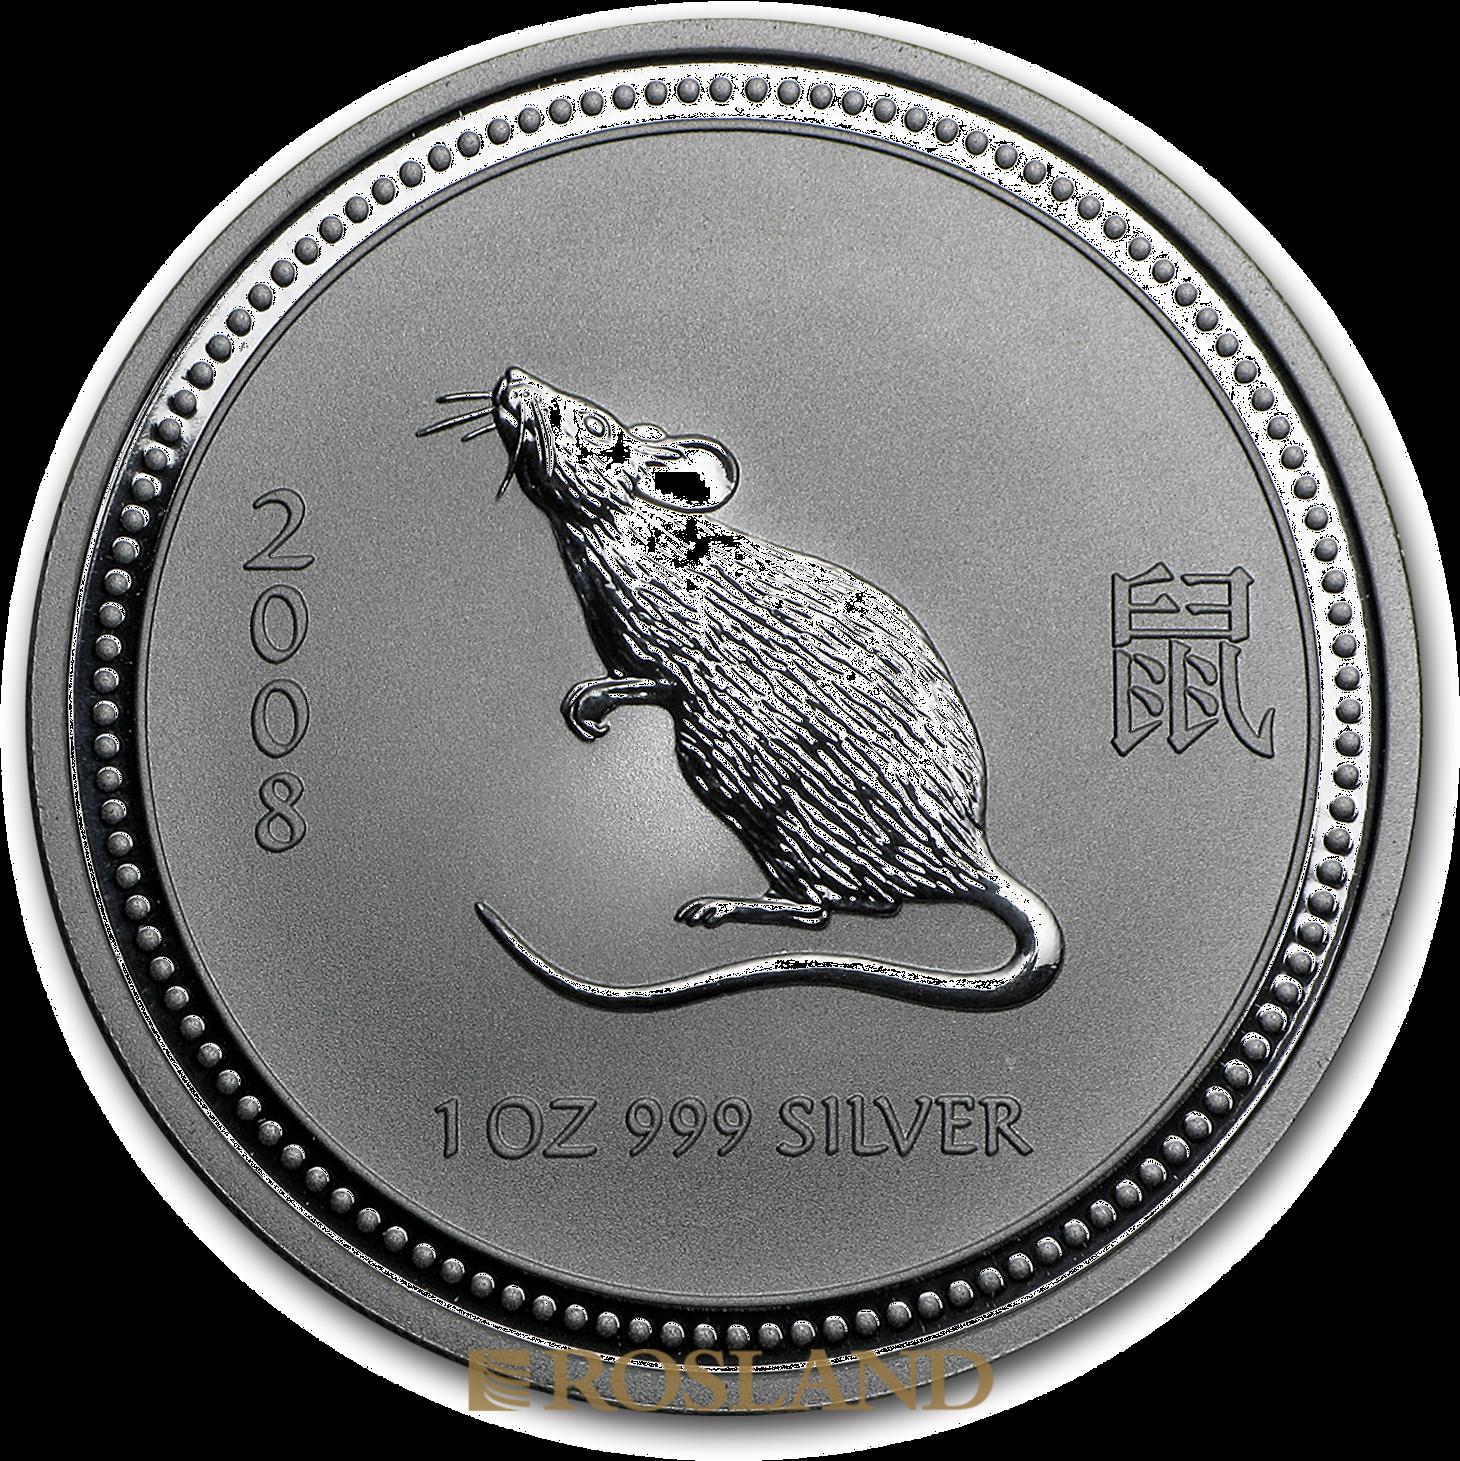 1 Unze Silbermünze Australien Lunar 1 Maus 2008